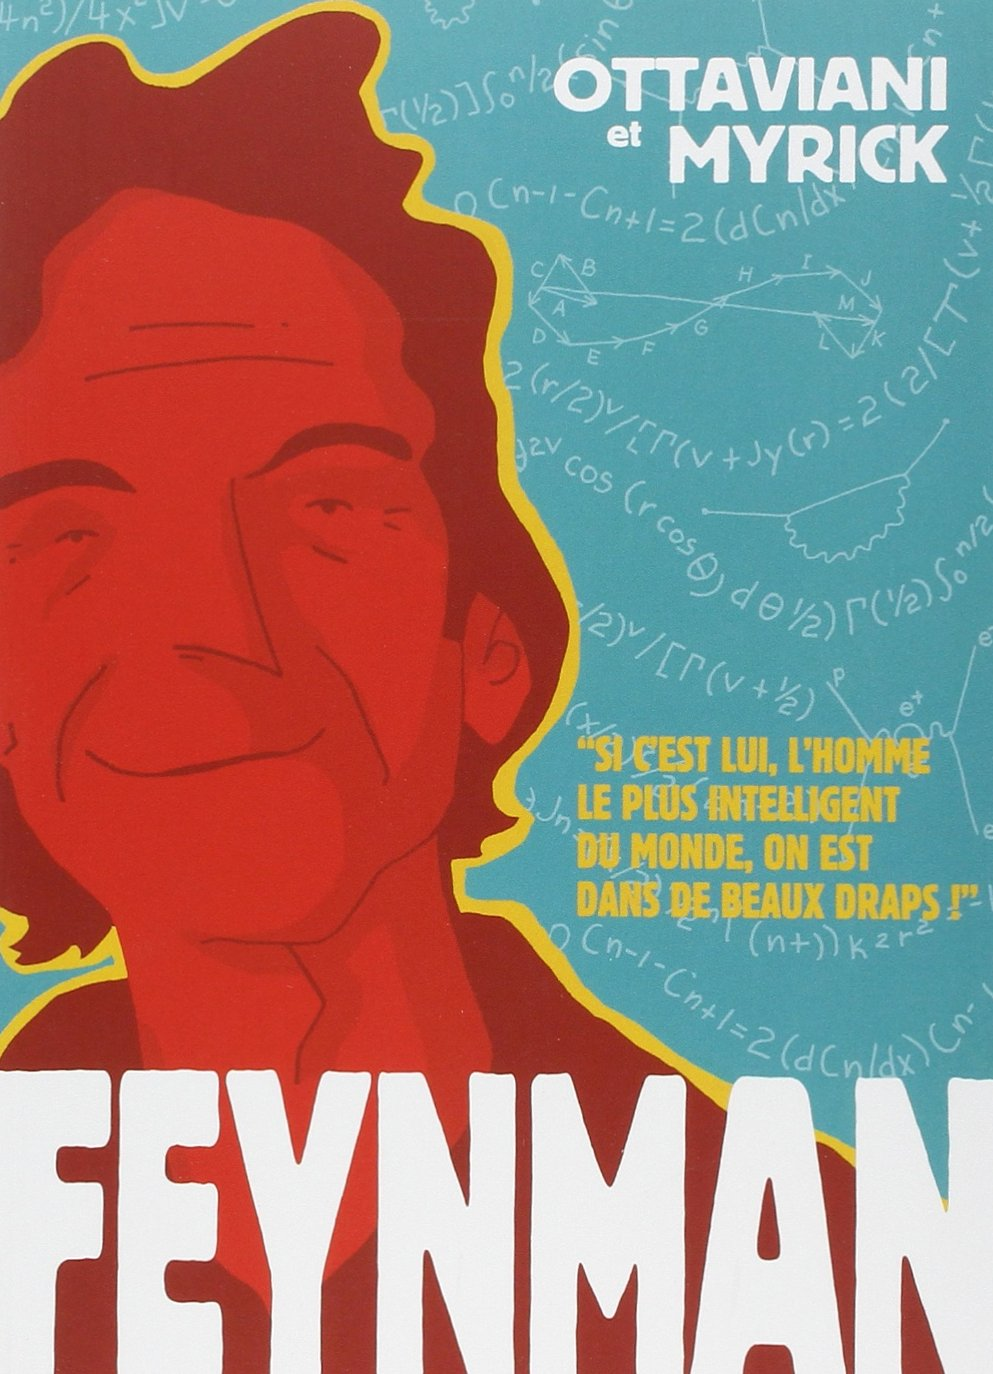 """Résultat de recherche d'images pour """"ottaviani feynman"""""""